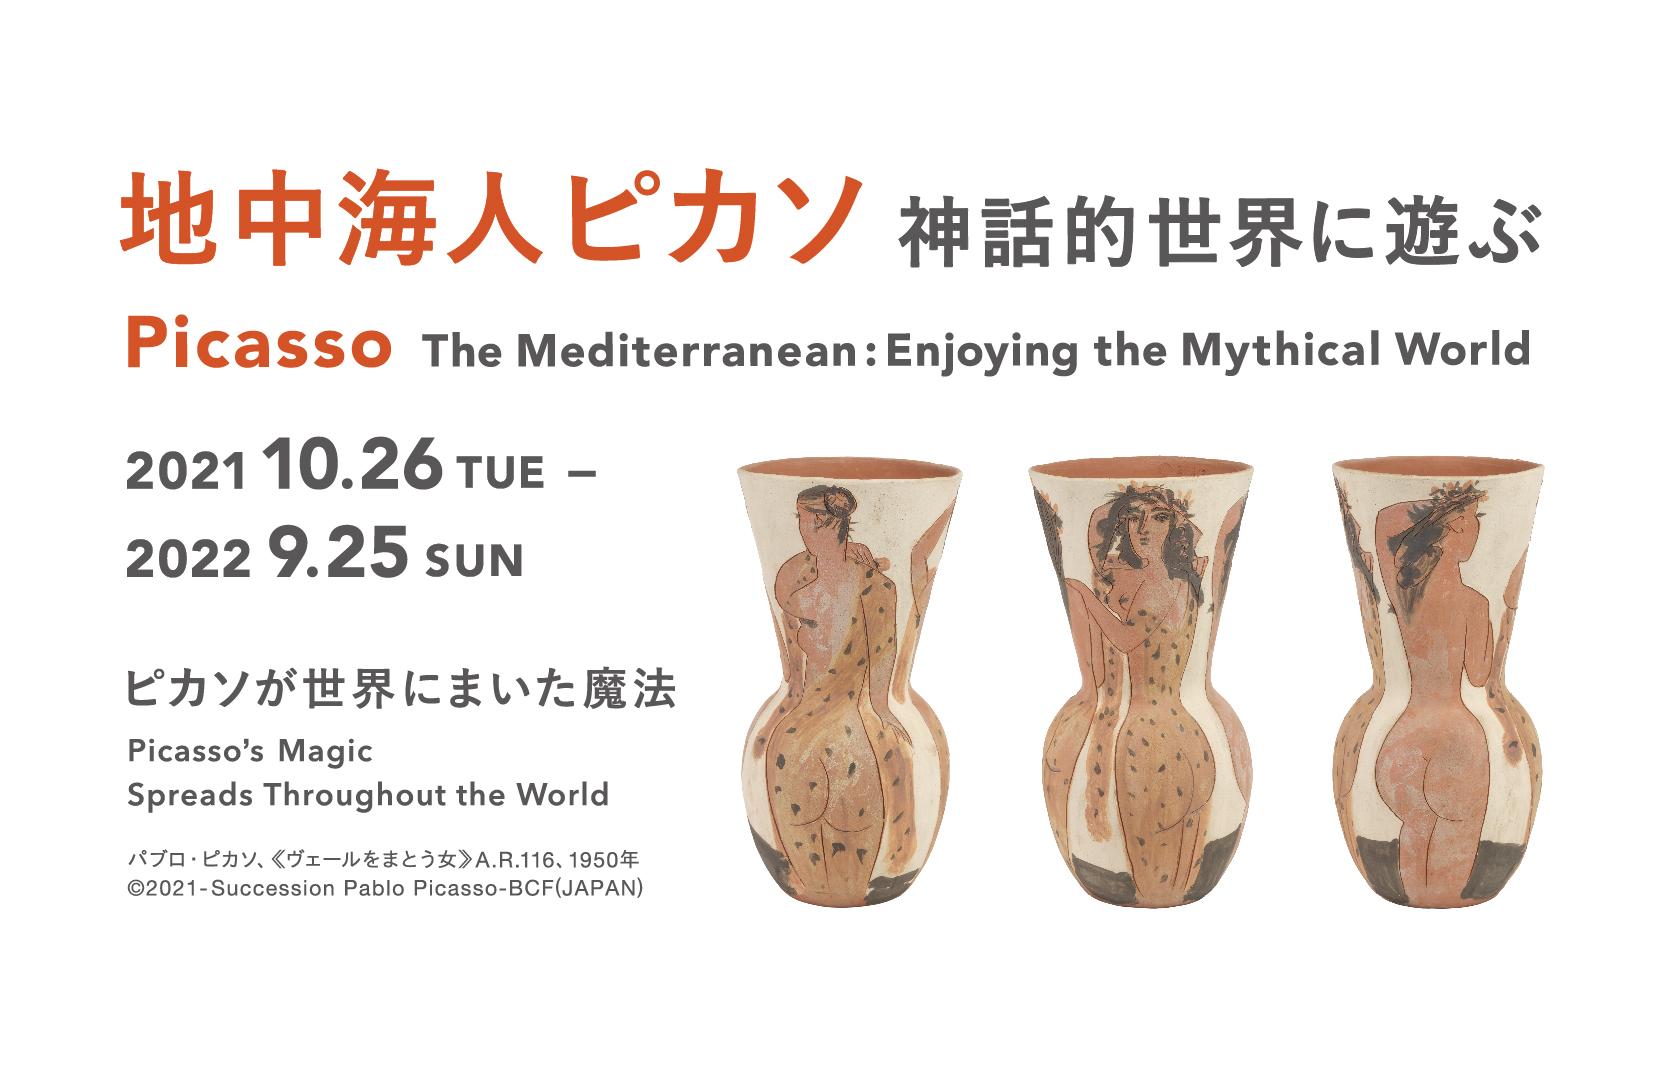 開館記念第2弾!「地中海人ピカソー神話的世界に遊ぶ」展